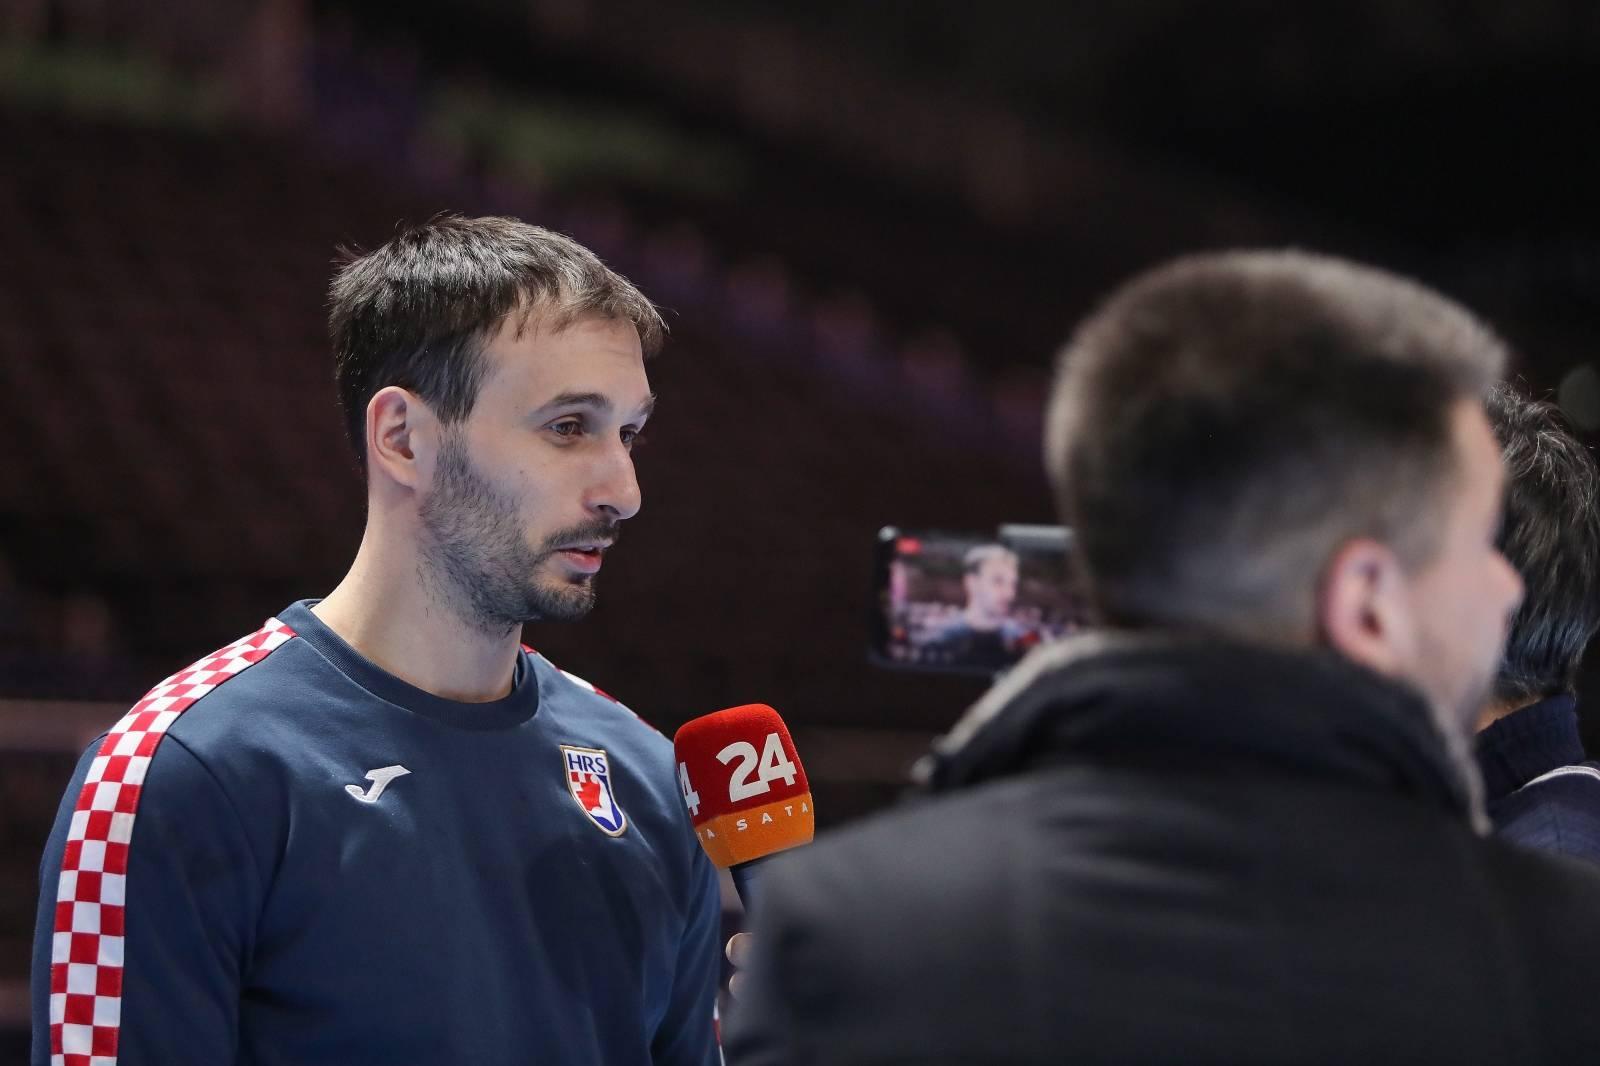 Stockholm: Hrvatski rukometaši odradili trening i dali izjave za medije uoči finala EP